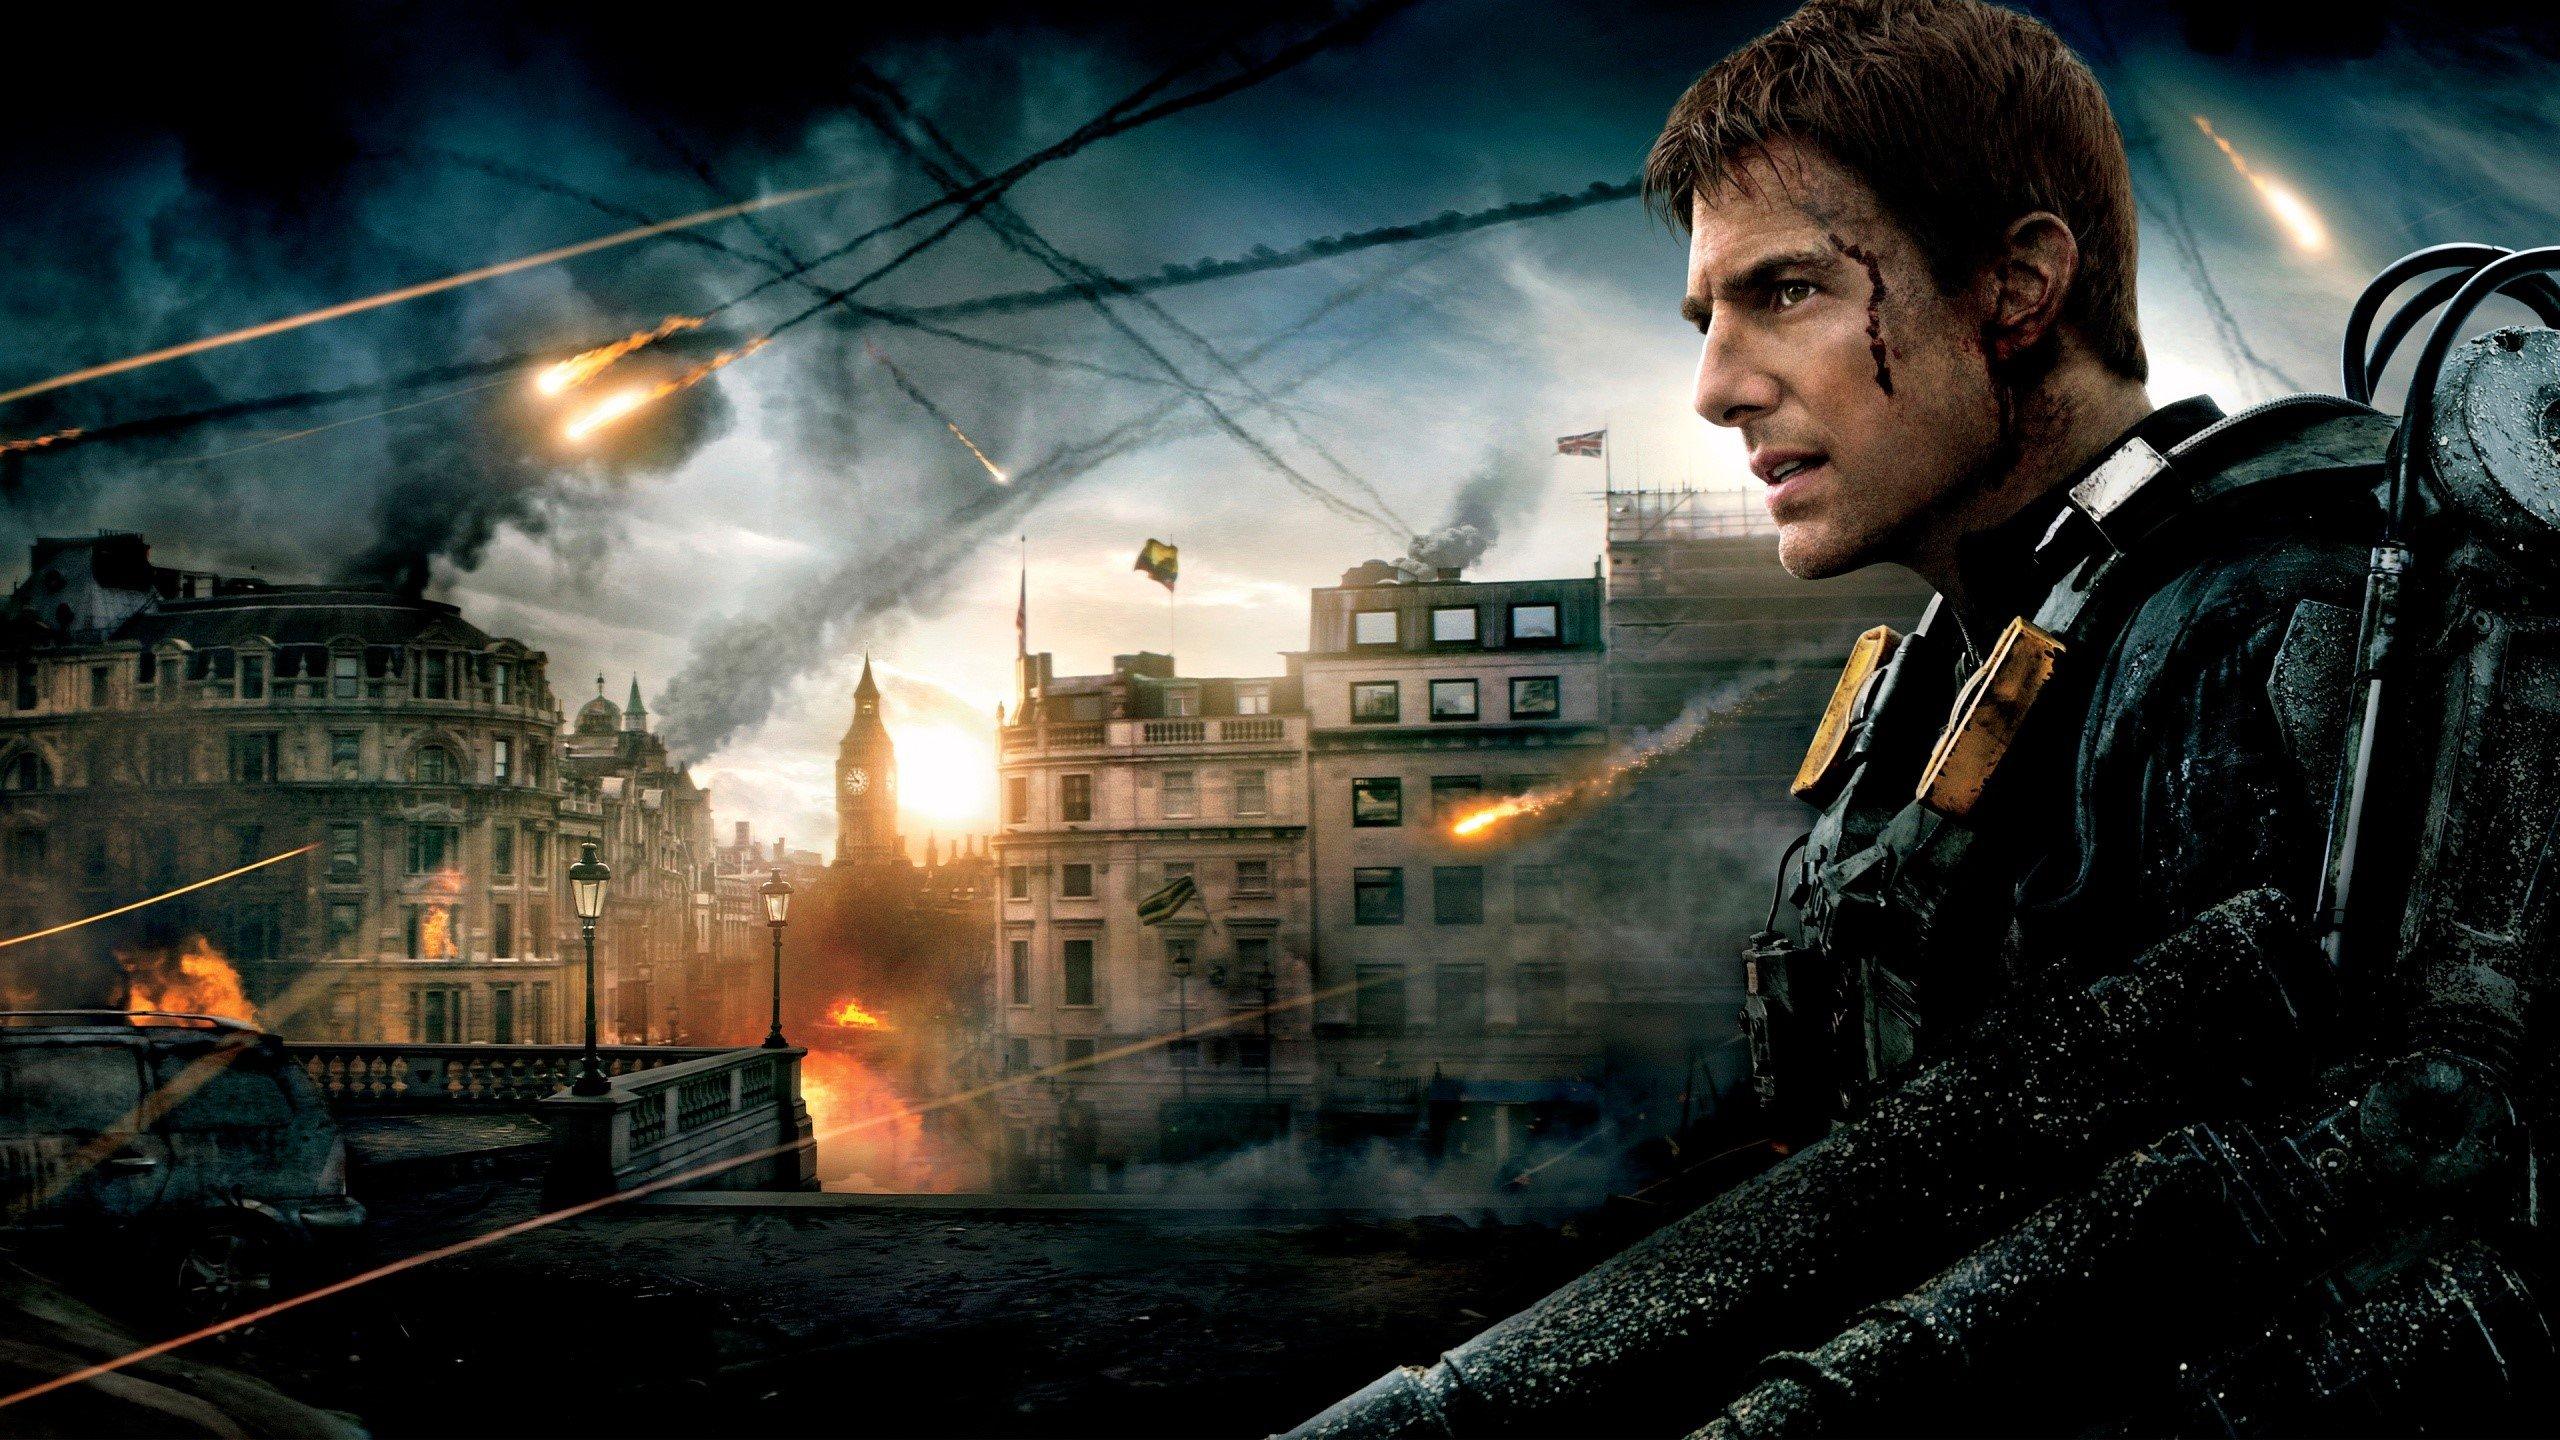 Fondo de pantalla de Tom Cruise en la película Al filo del mañana Imágenes